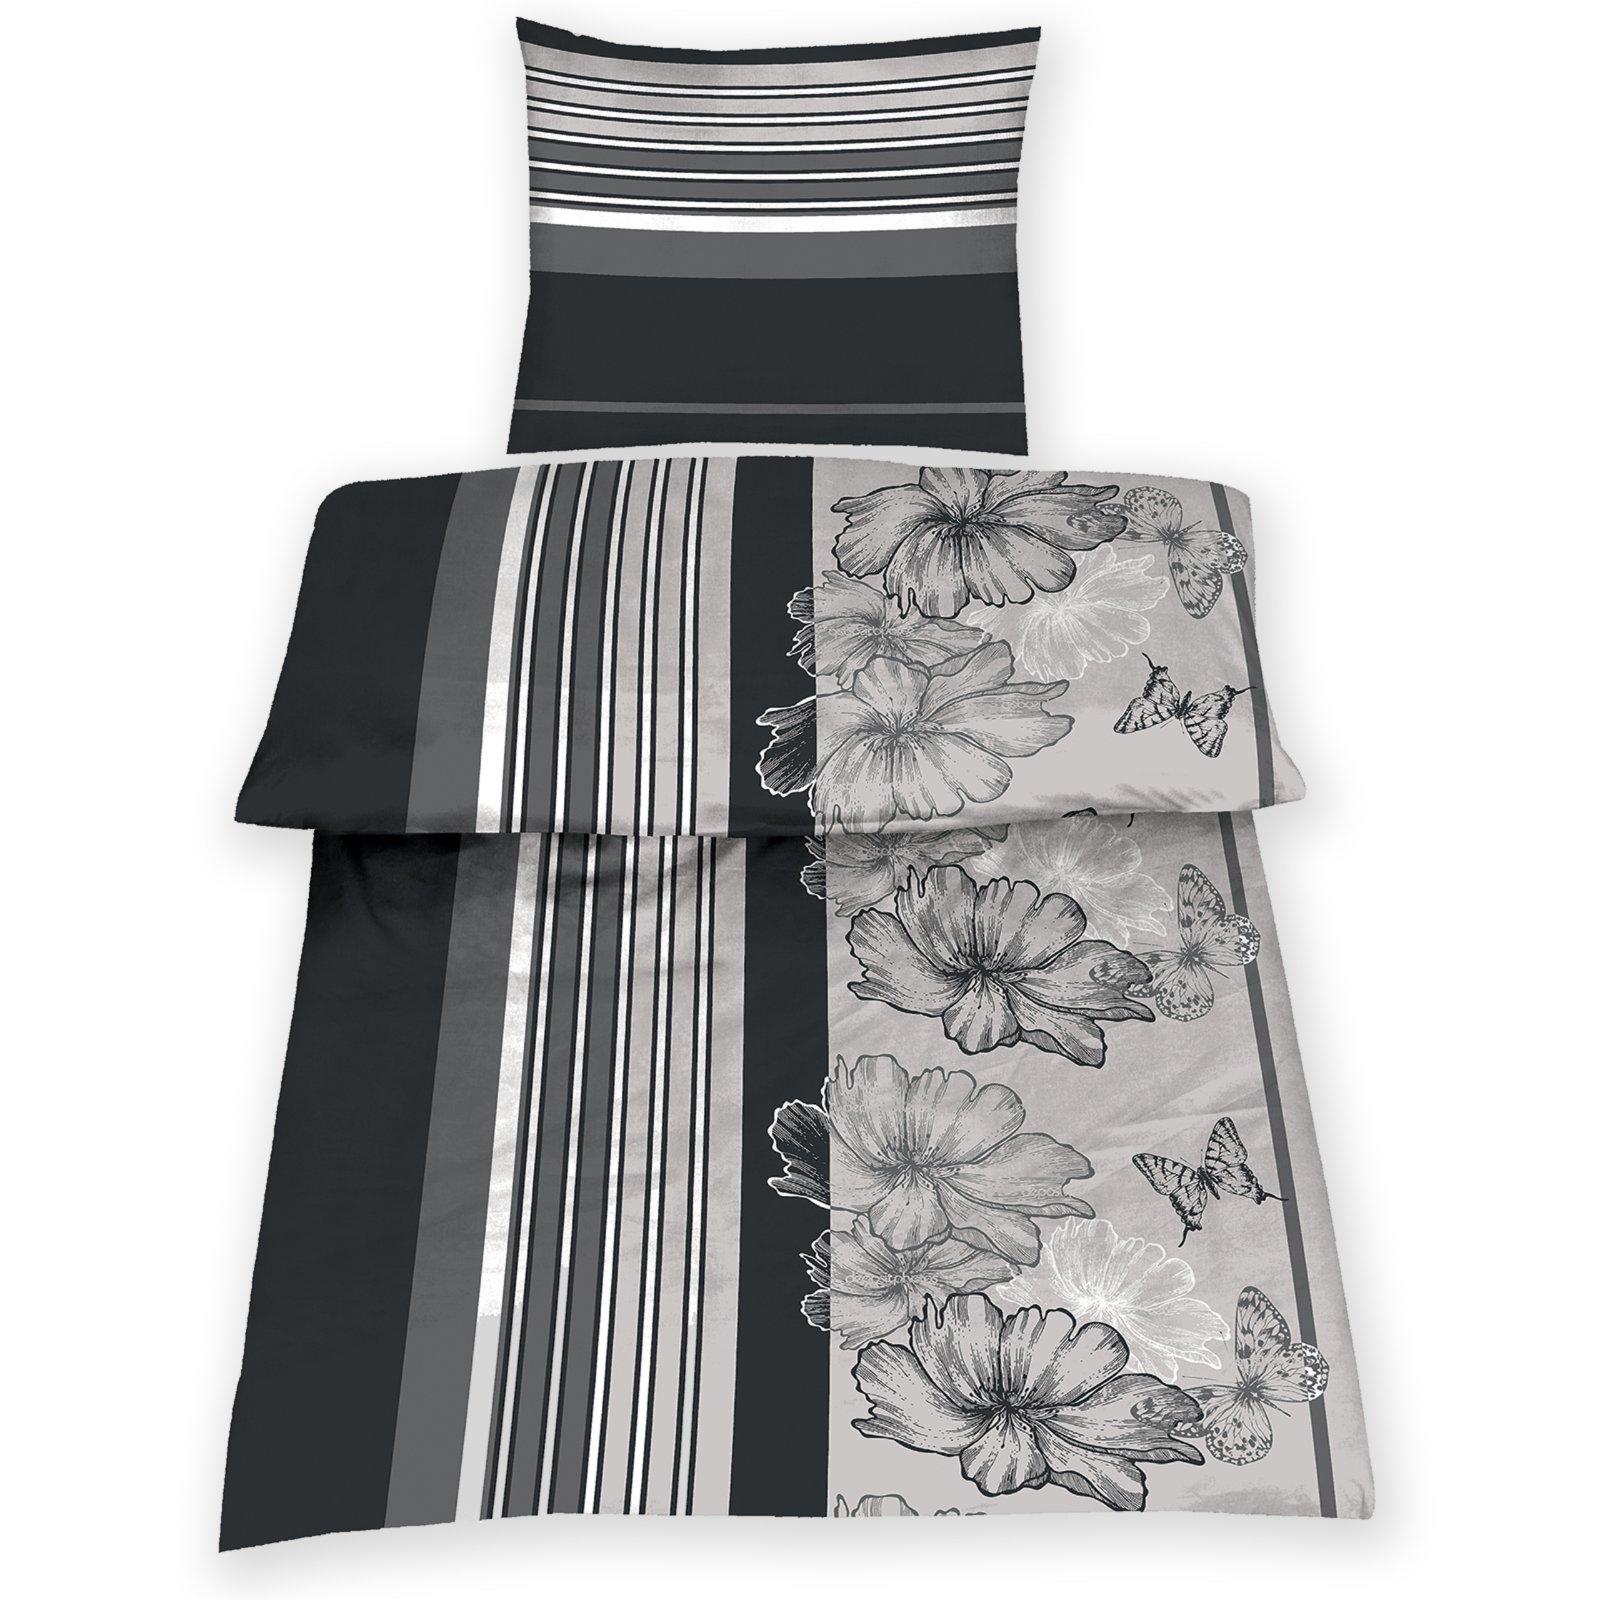 microfaser bettw sche flora schwarz wei grau 135x200 cm bettw sche bettw sche. Black Bedroom Furniture Sets. Home Design Ideas